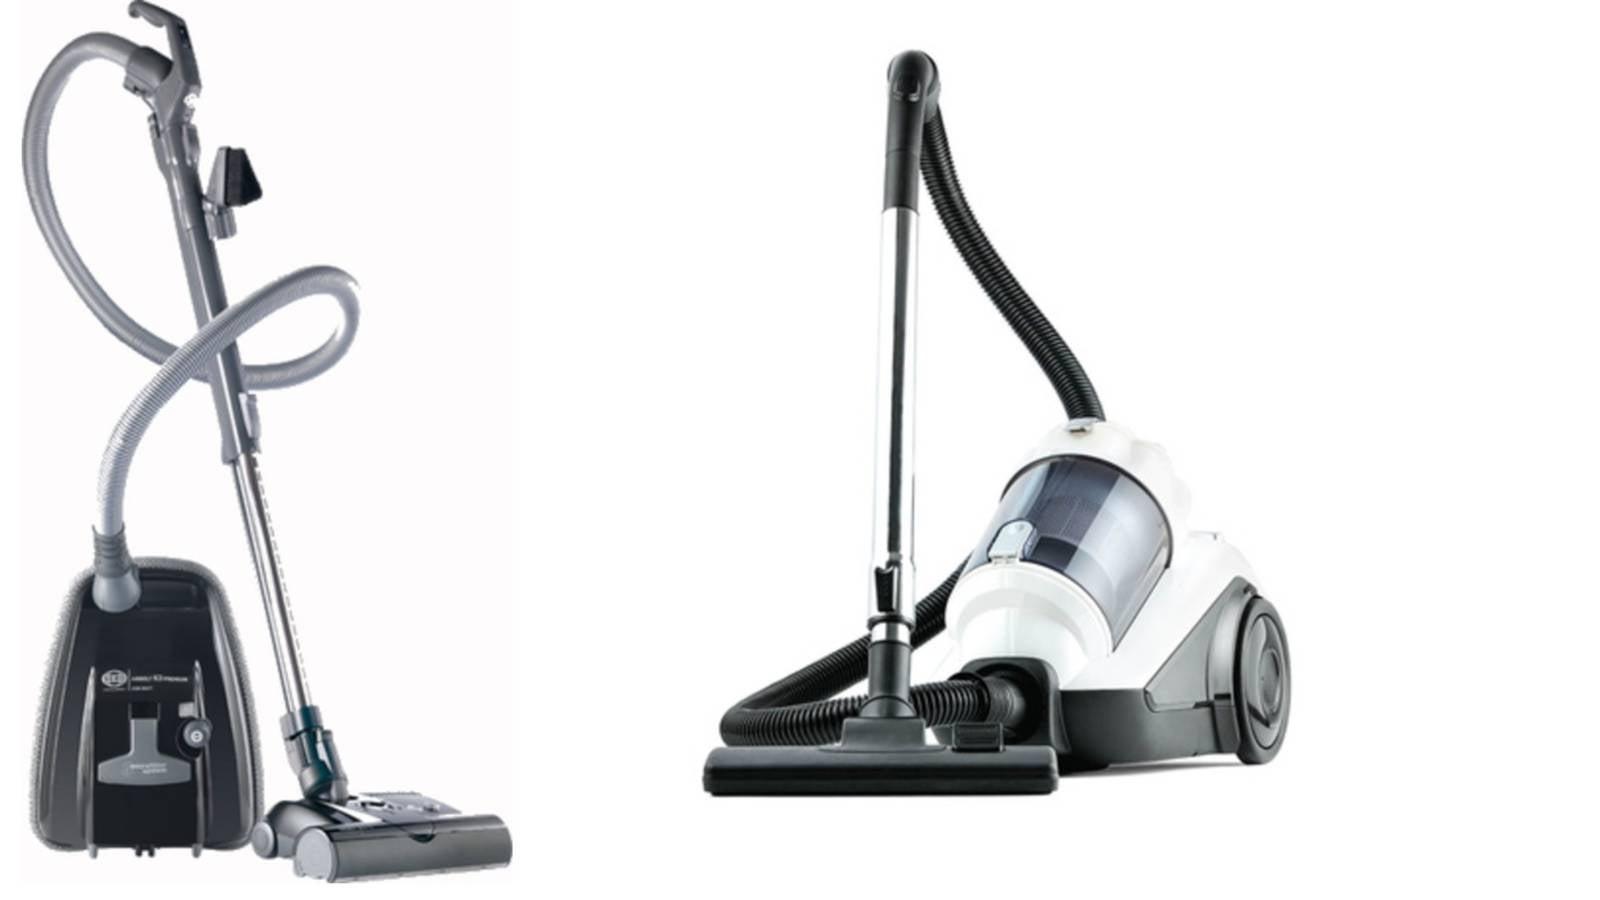 $1500 for a vacuum? Yeah nah?